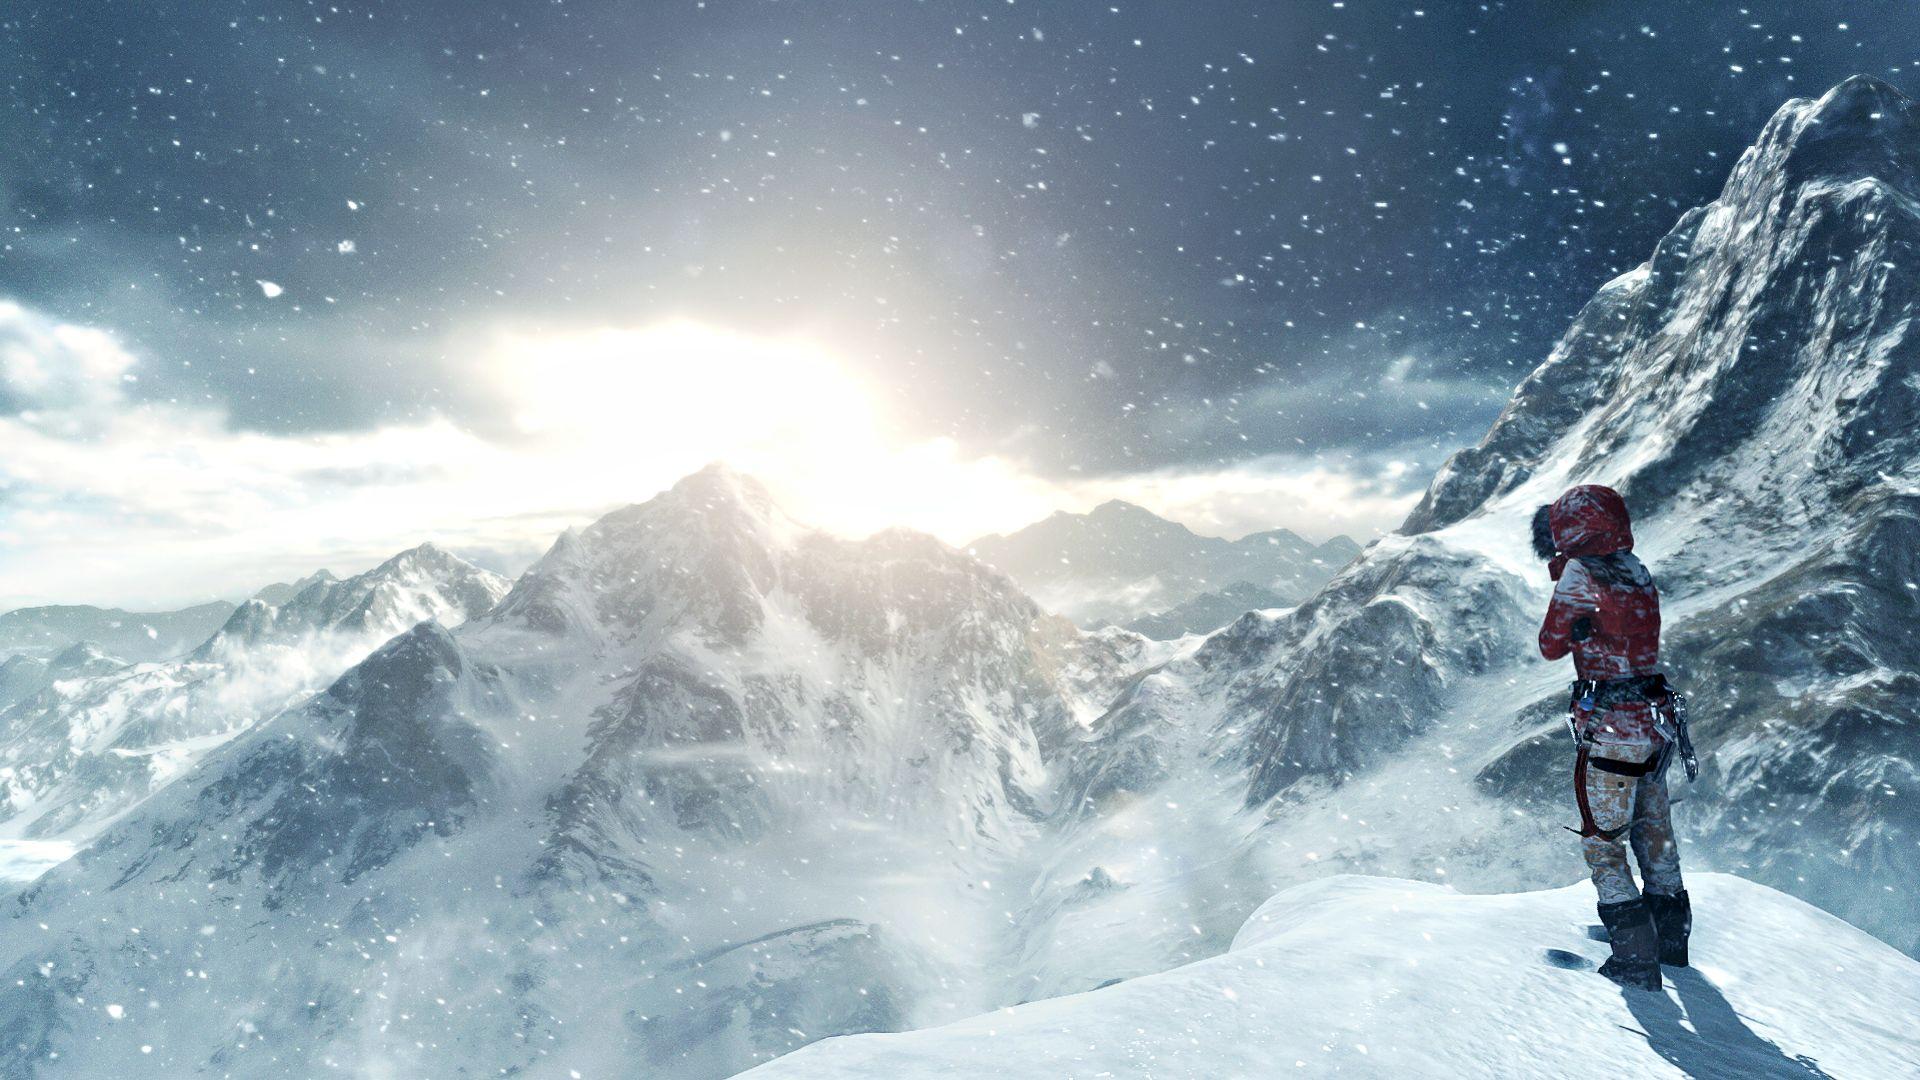 Konečně pořádné obrázky z Rise of the Tomb Raider 106005